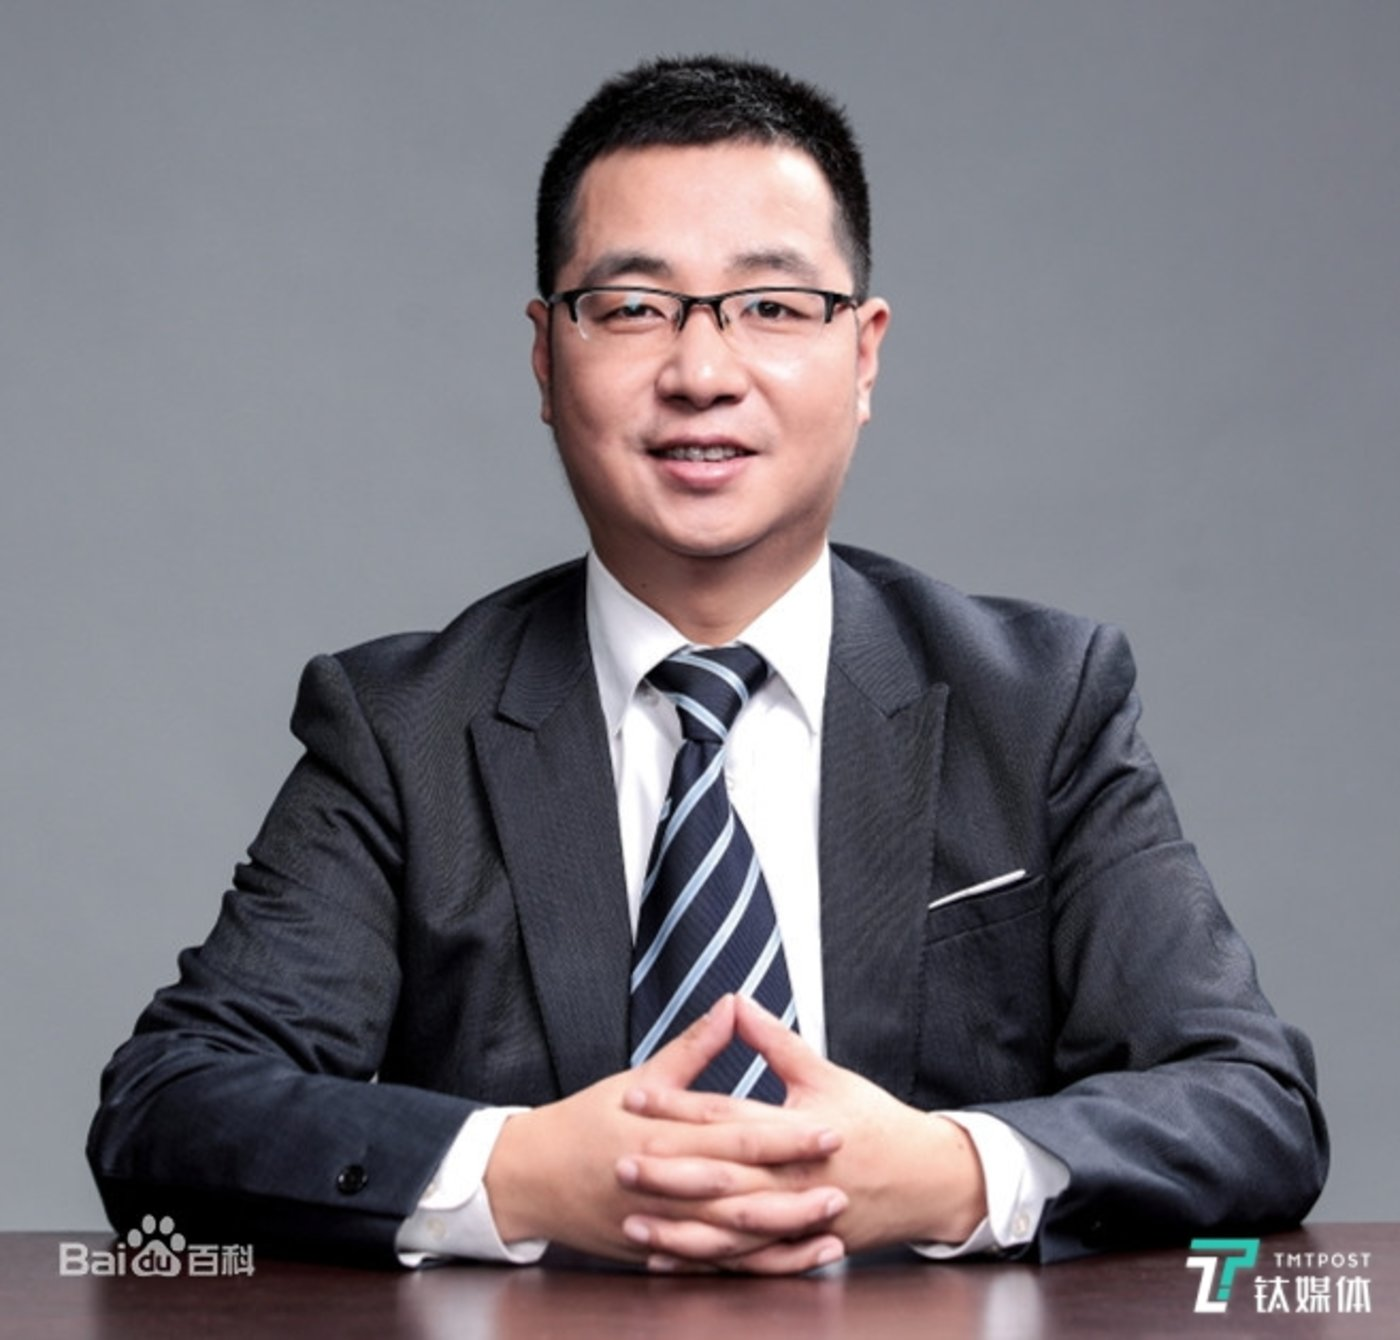 百度智能驾驶事业群副总裁、百度智能驾驶事业群首席安全运营官魏东